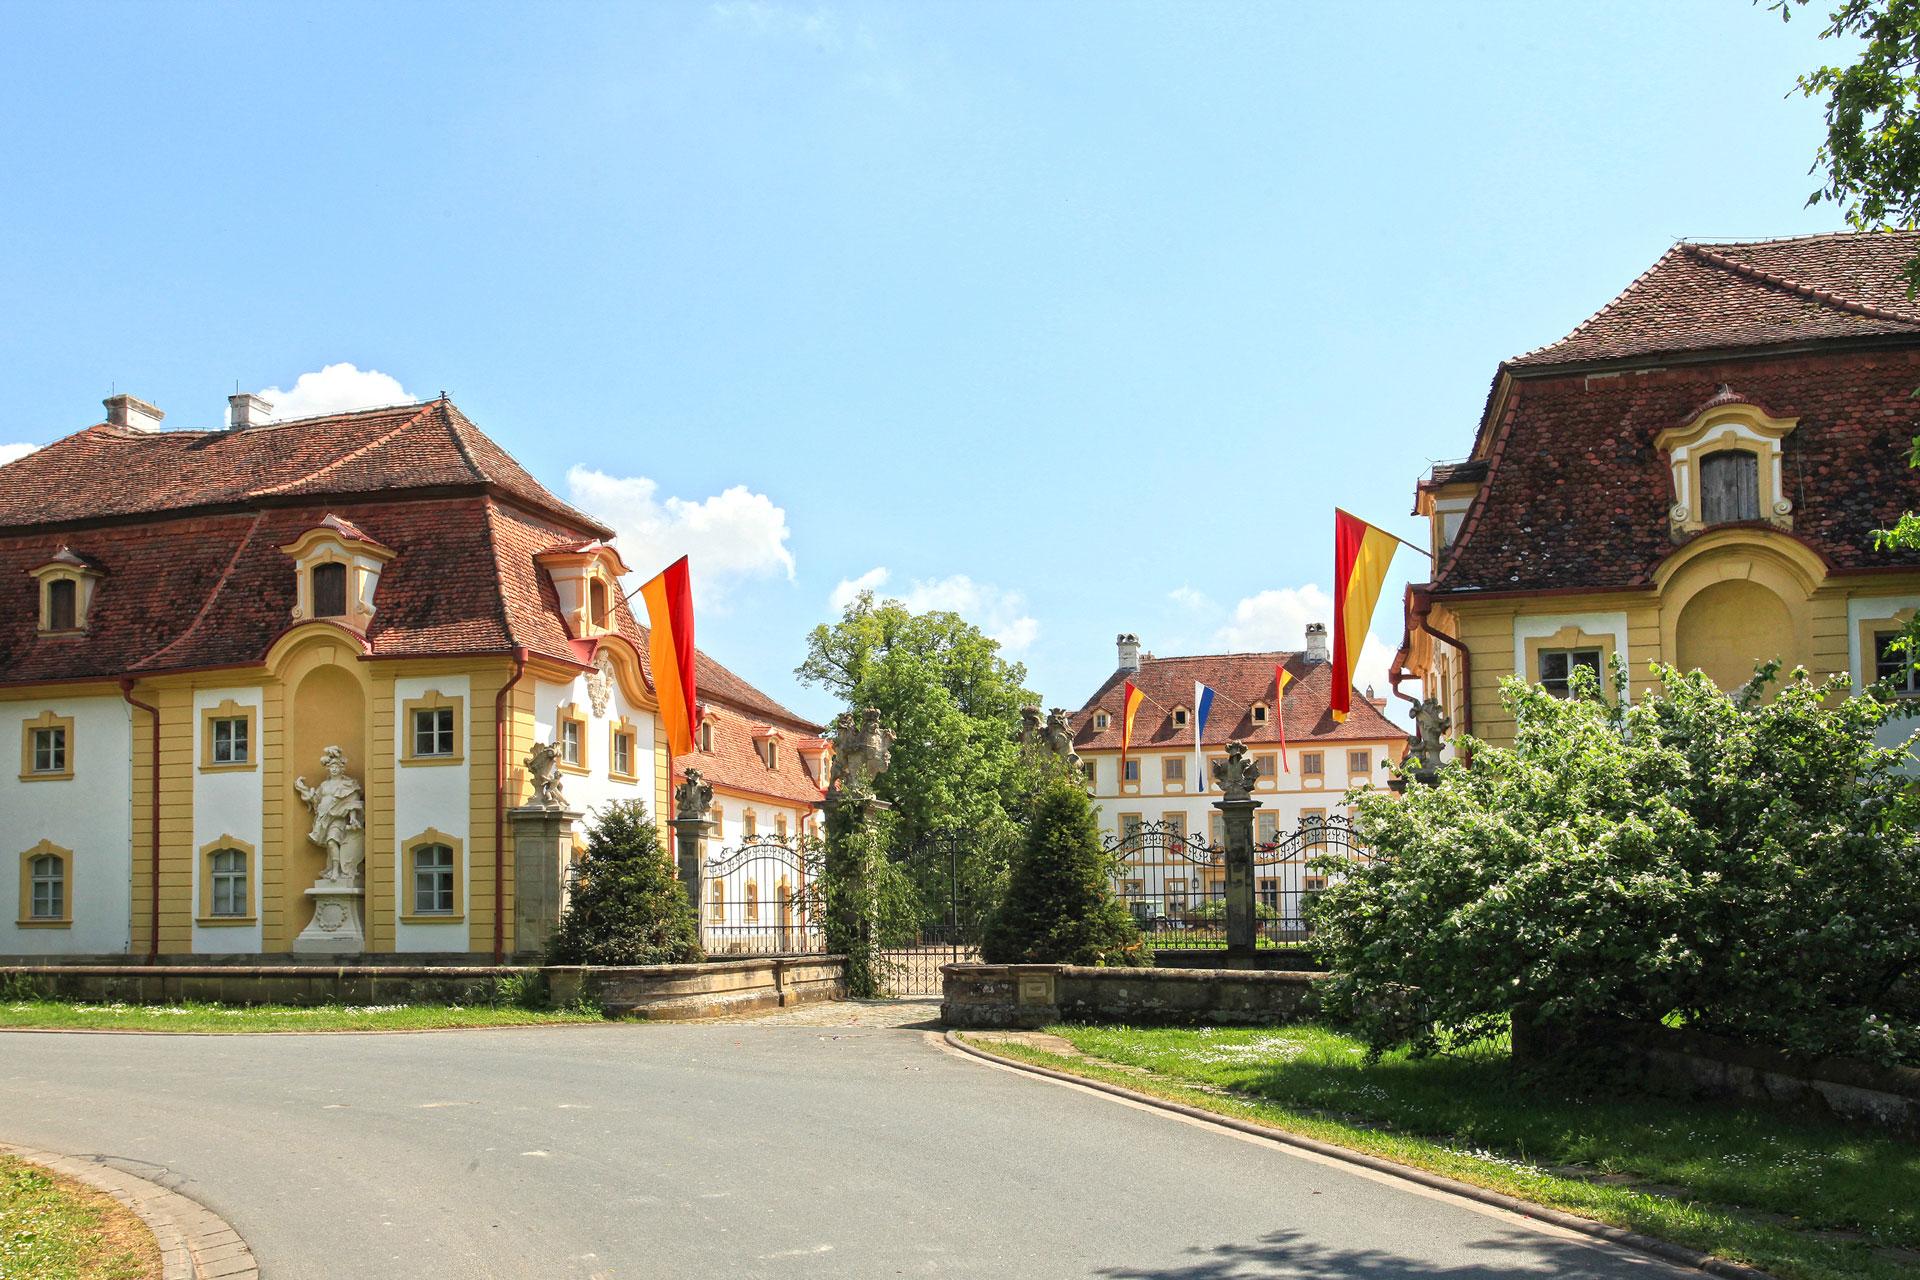 Sugenh-Ullstadt-Schloss-0470